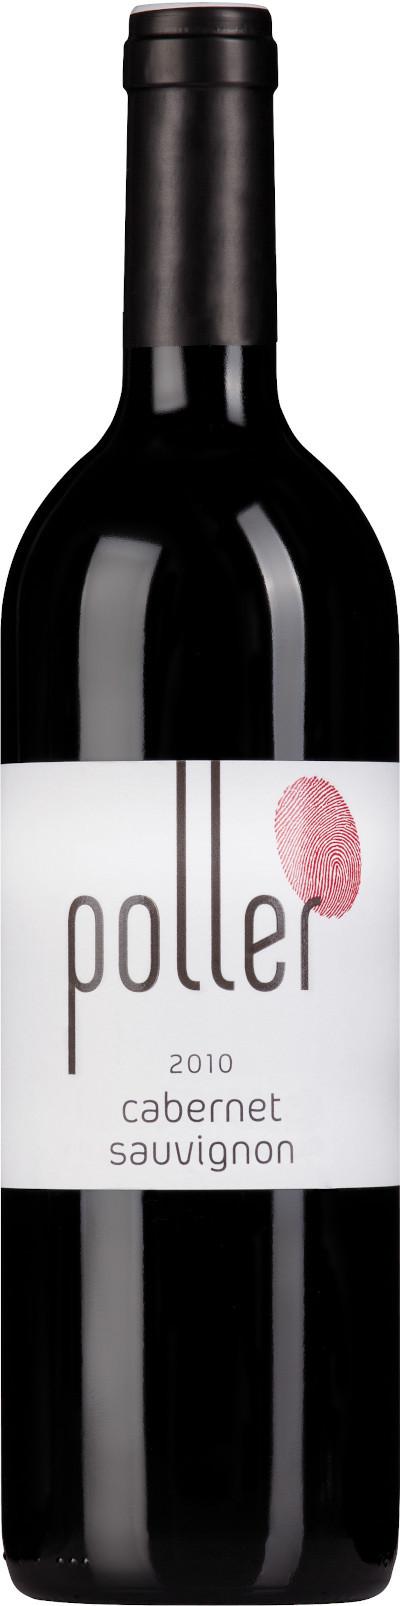 Poller - Cabernet Sauvignon